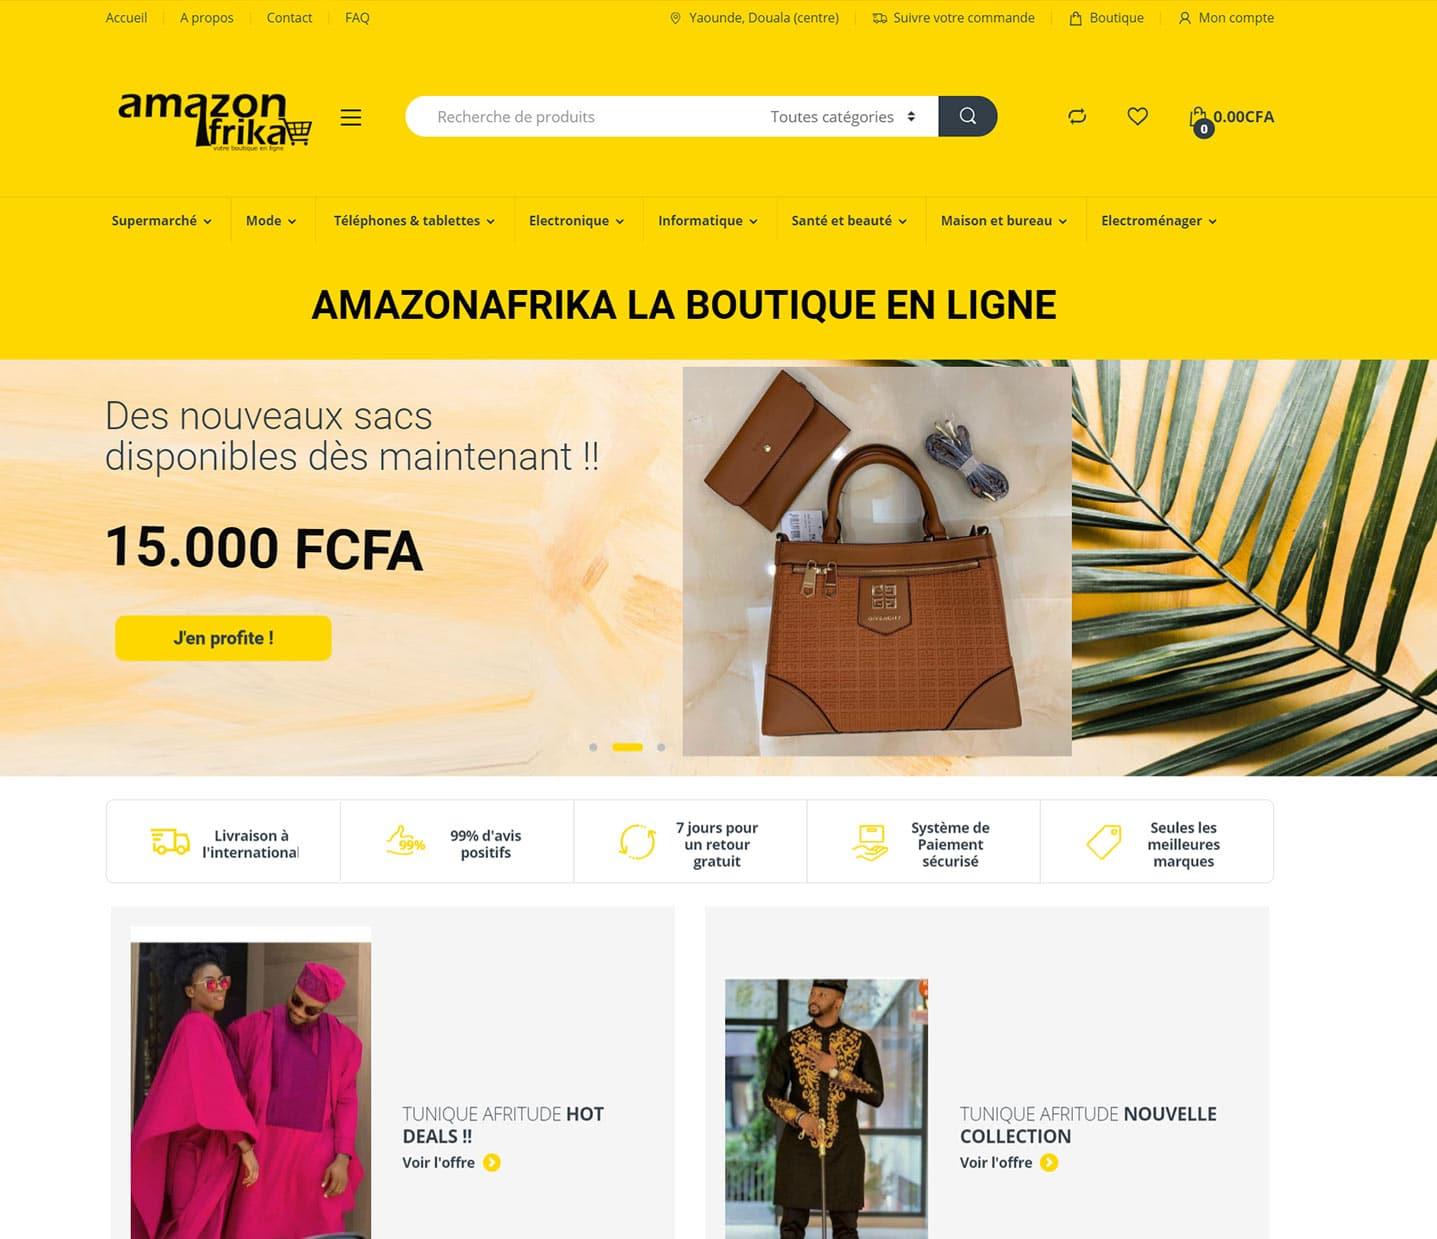 Amazonafrika